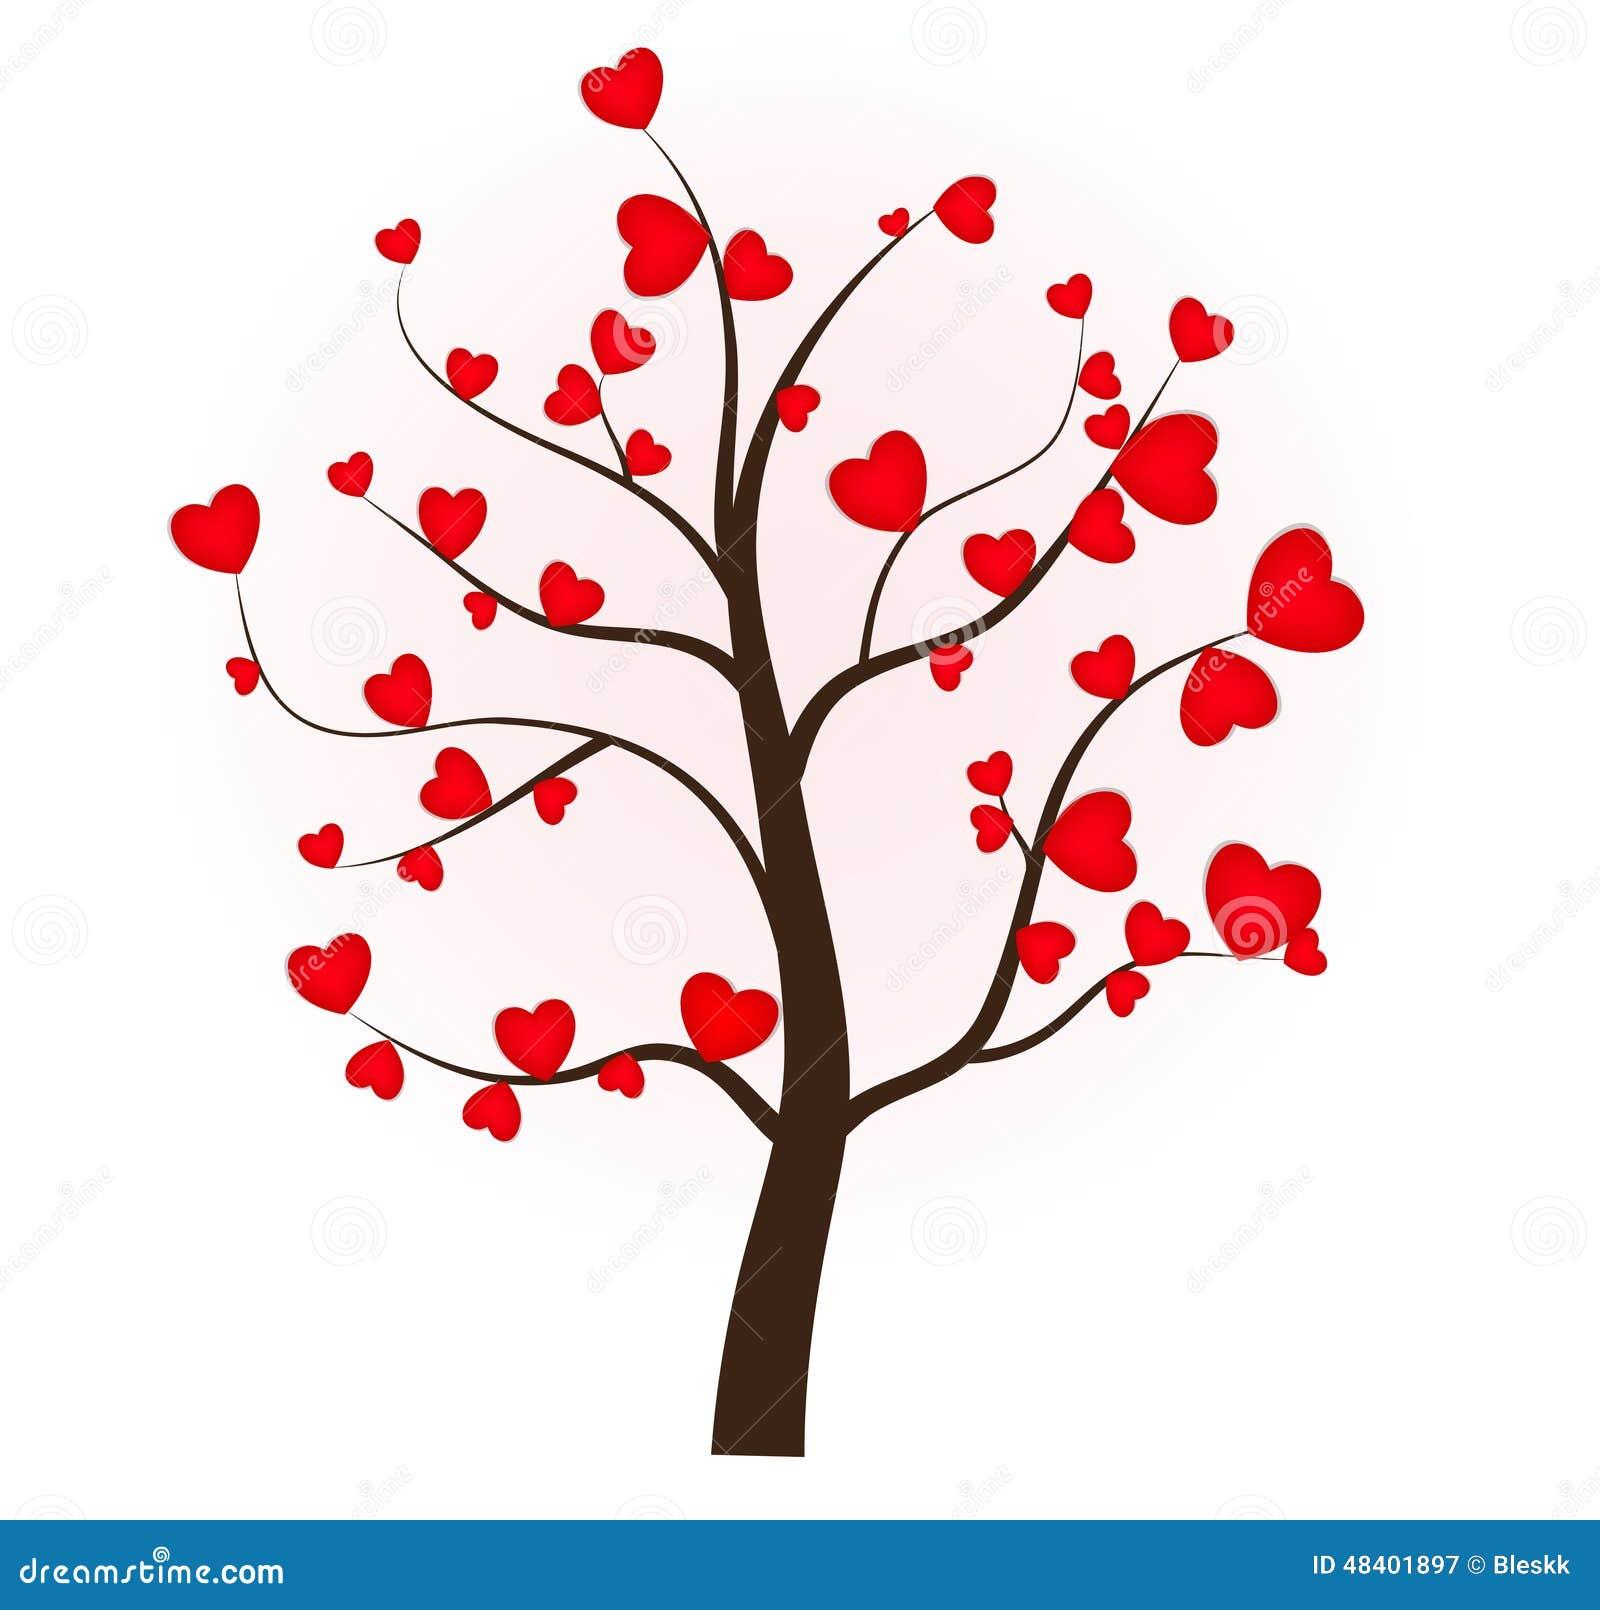 arbre amour coeur rose rouge mariage amoureux arbre de l 39 amour 14 f vrier illustration de. Black Bedroom Furniture Sets. Home Design Ideas